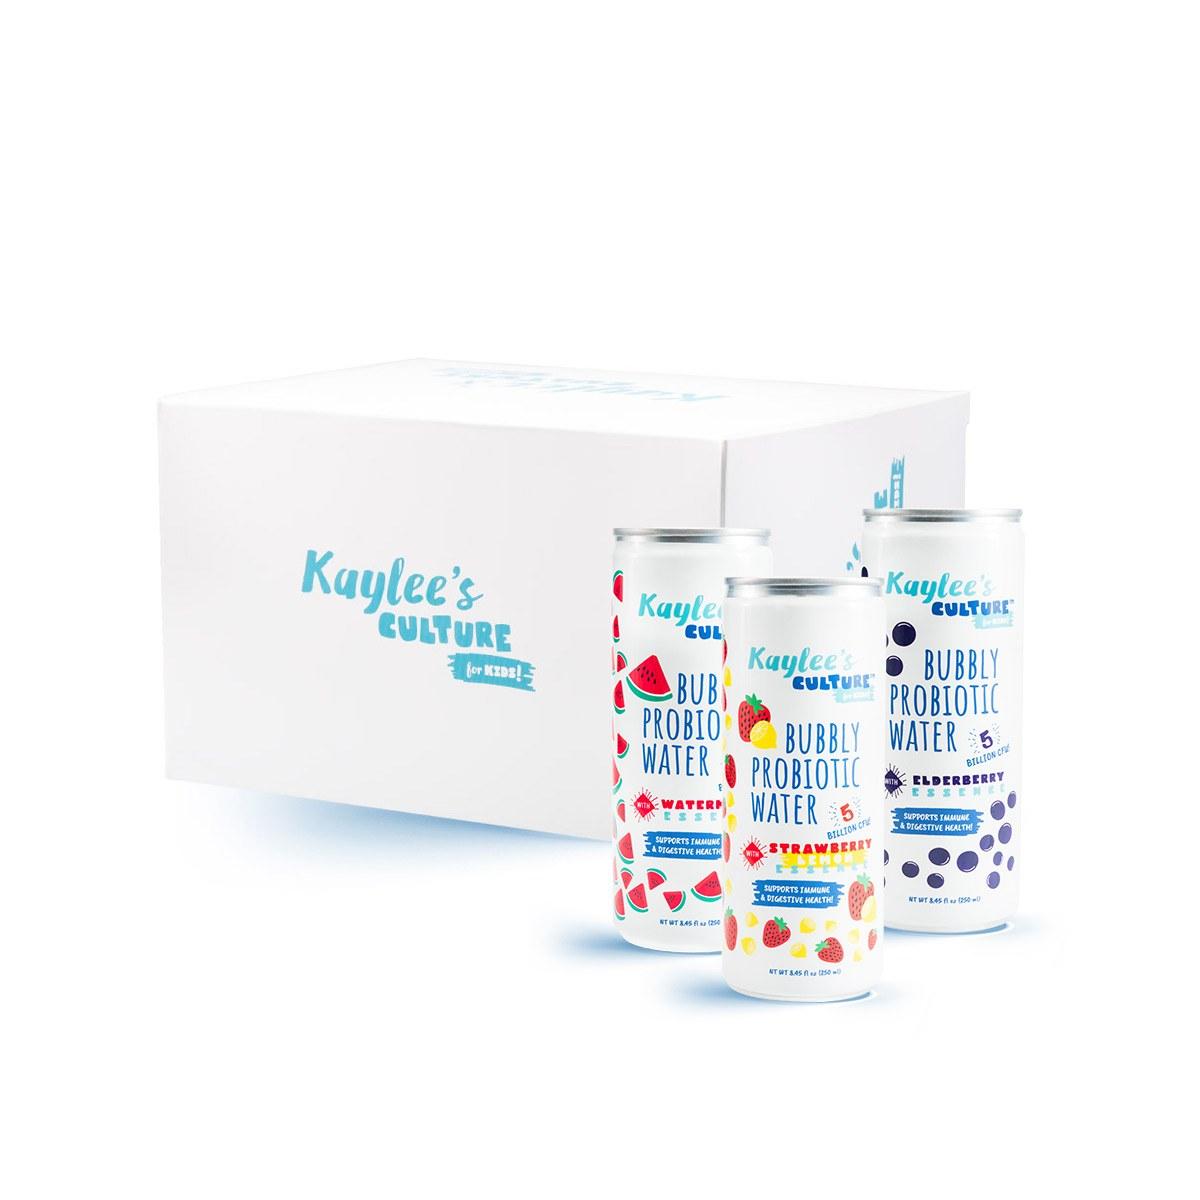 Kaylee's Variety Pack 12-Pack